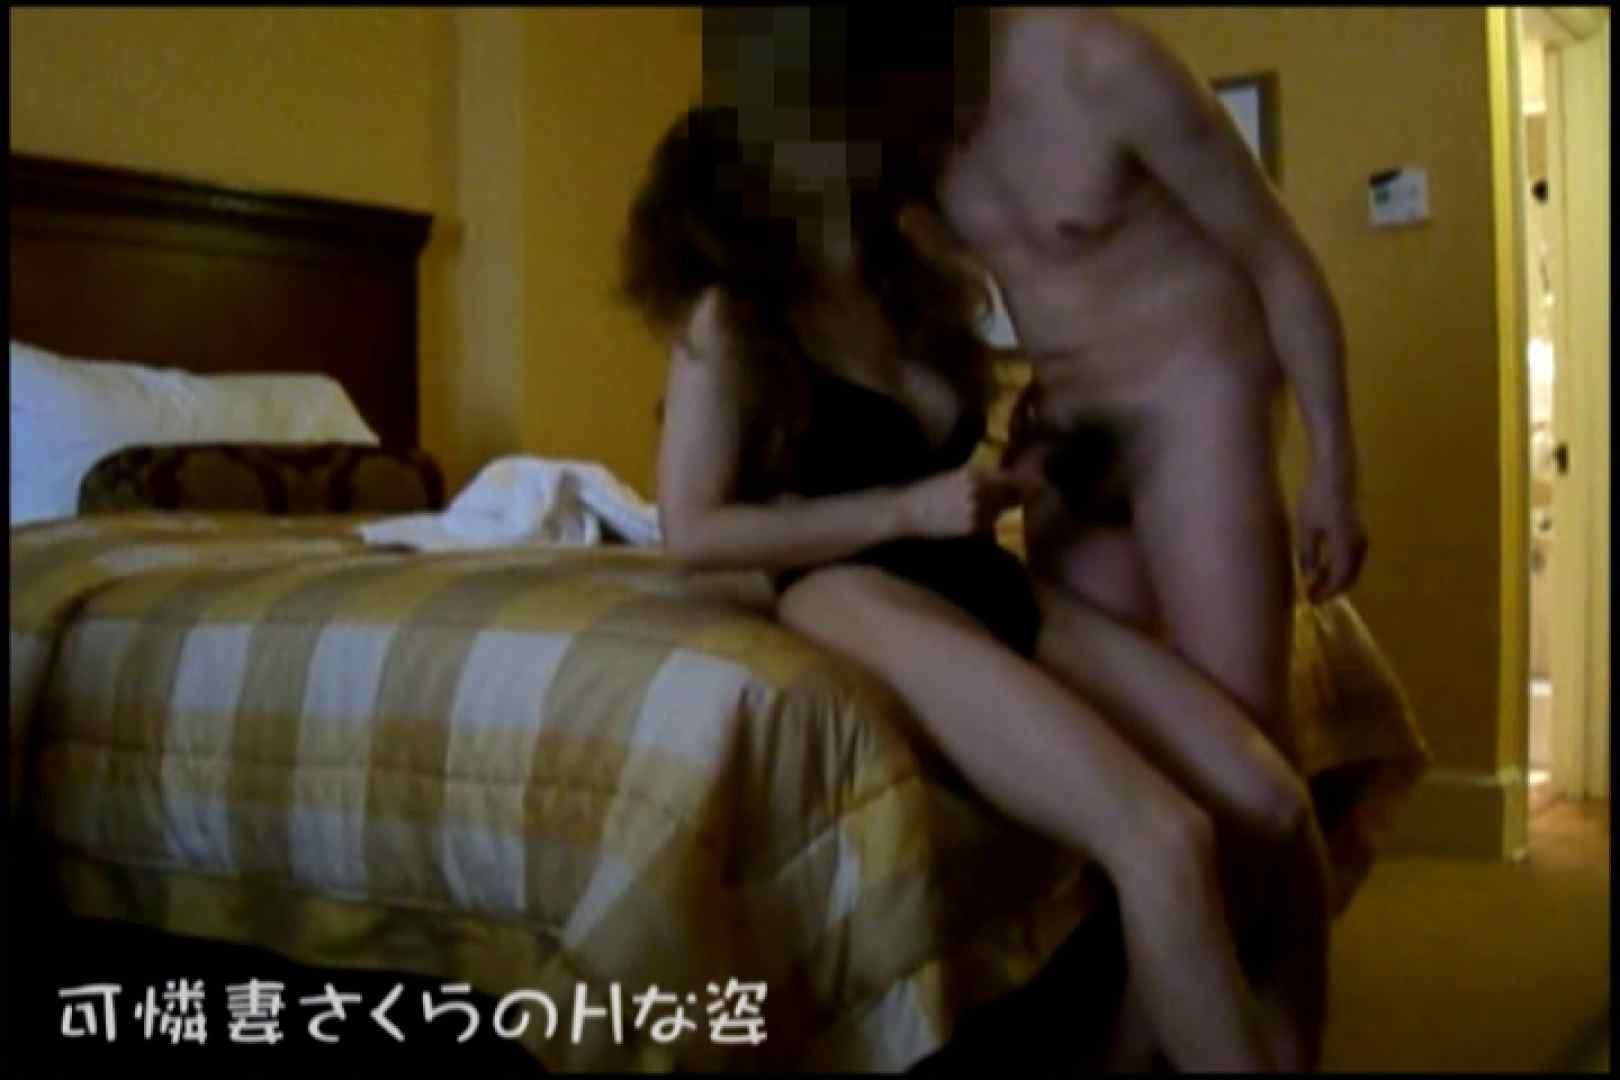 可憐妻さくらのHな姿vol.9前編 おっぱい オメコ無修正動画無料 96連発 21